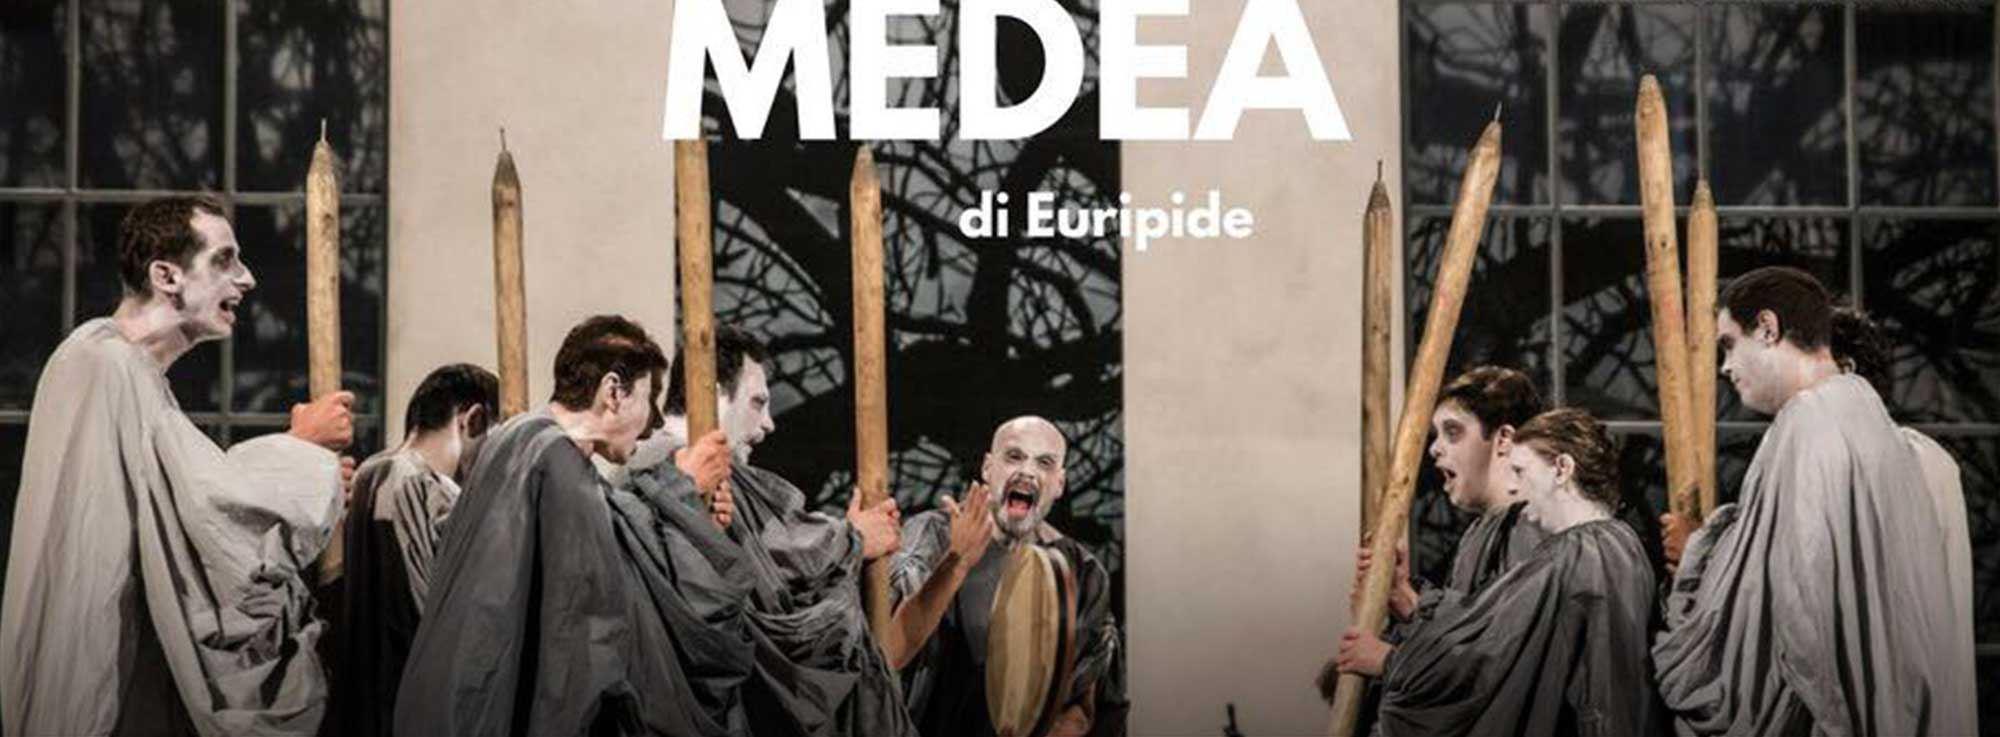 Barletta: Medea e Teatro Patologico